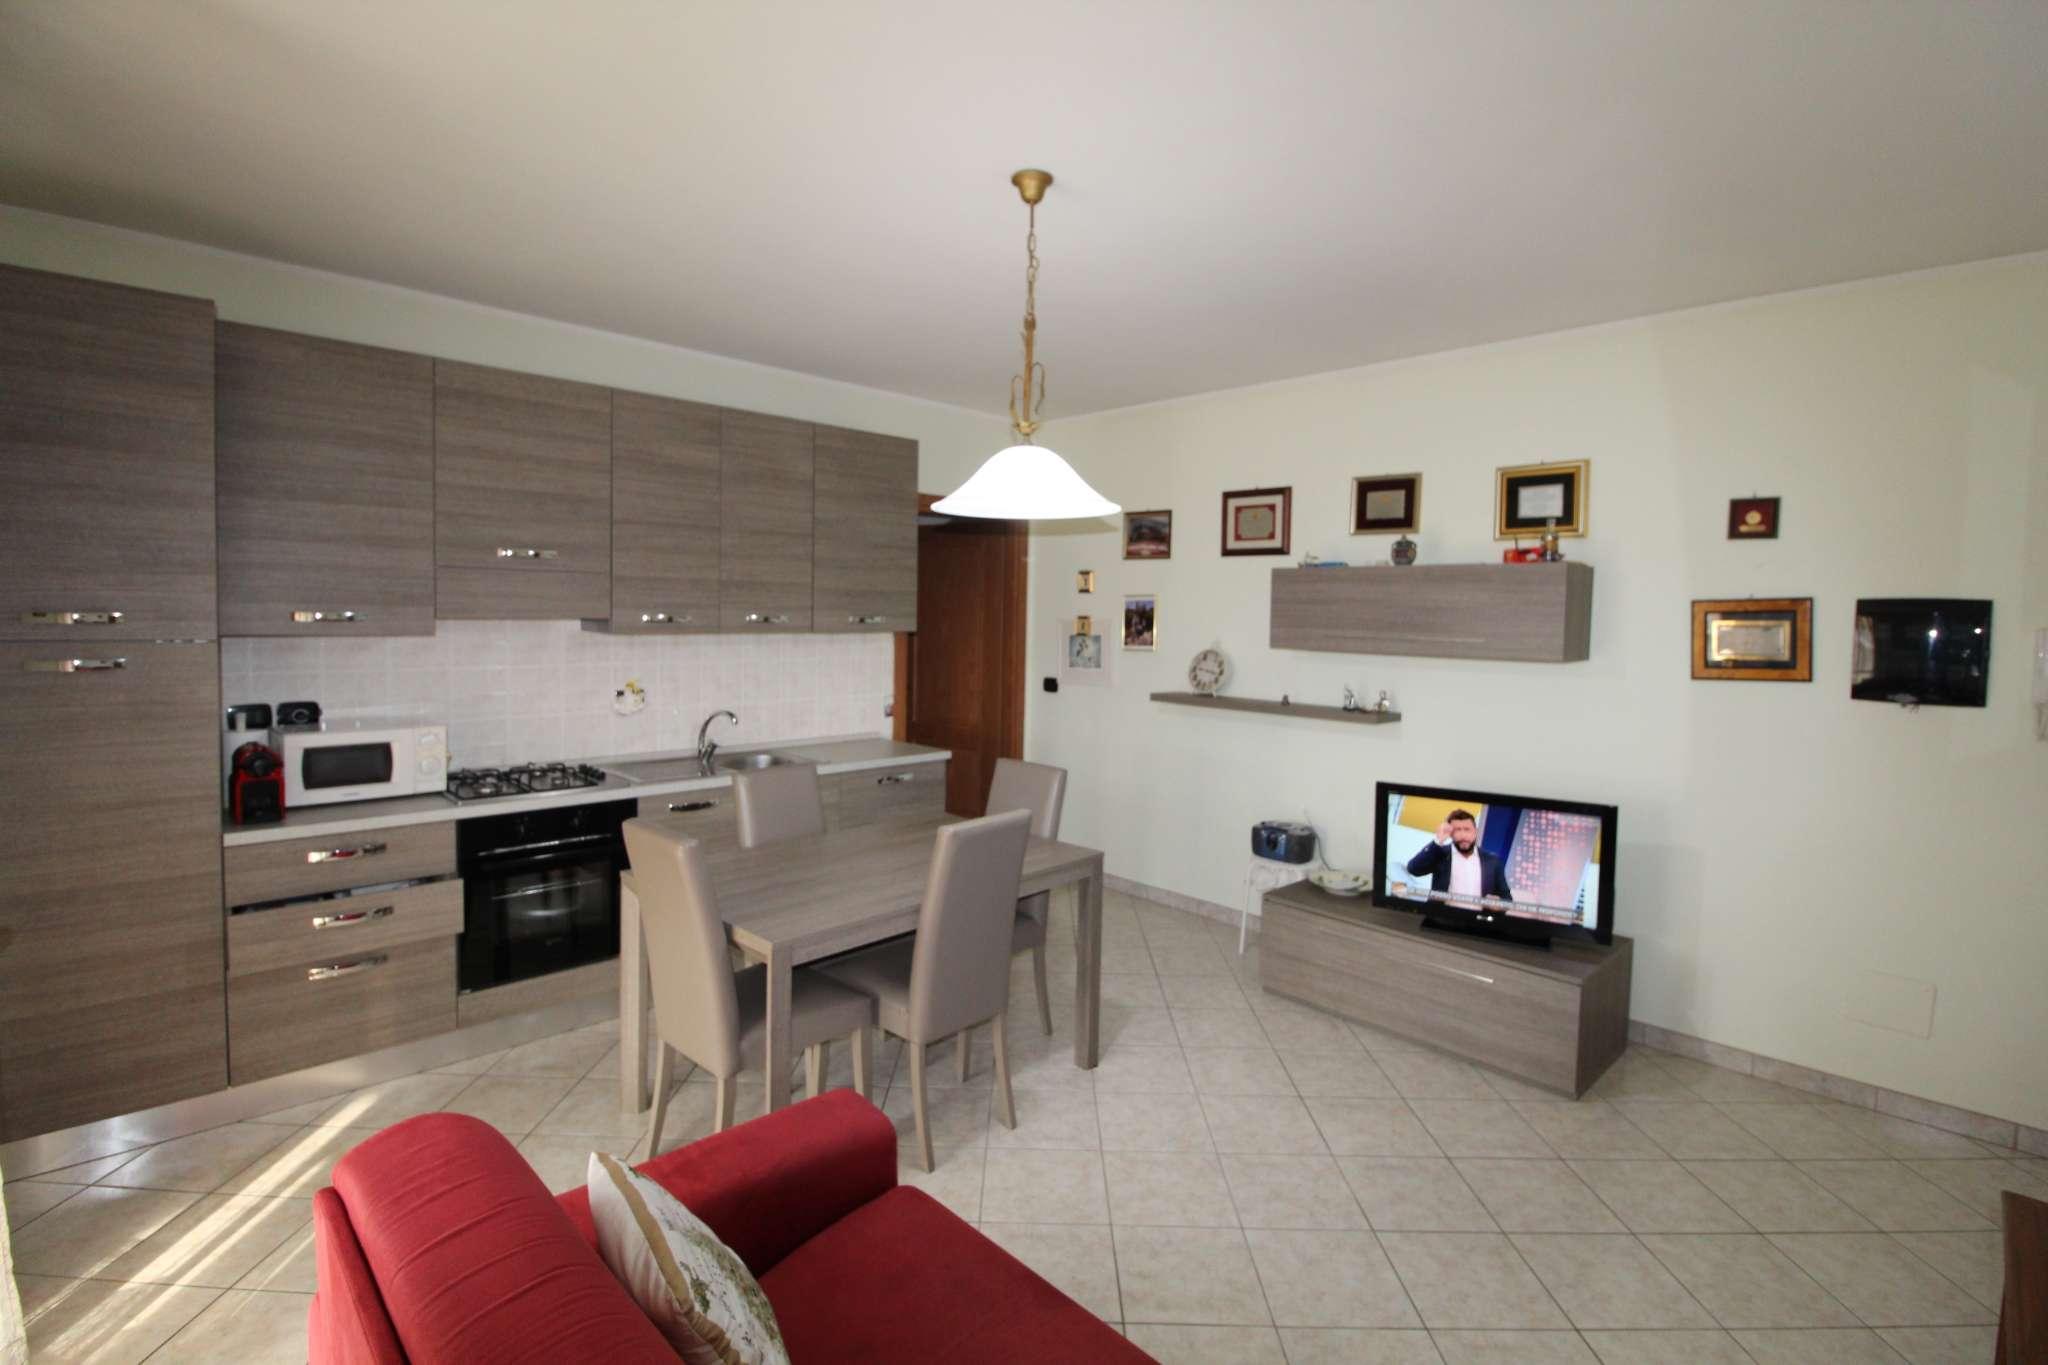 Appartamento in vendita a Candiolo, 2 locali, Trattative riservate   PortaleAgenzieImmobiliari.it